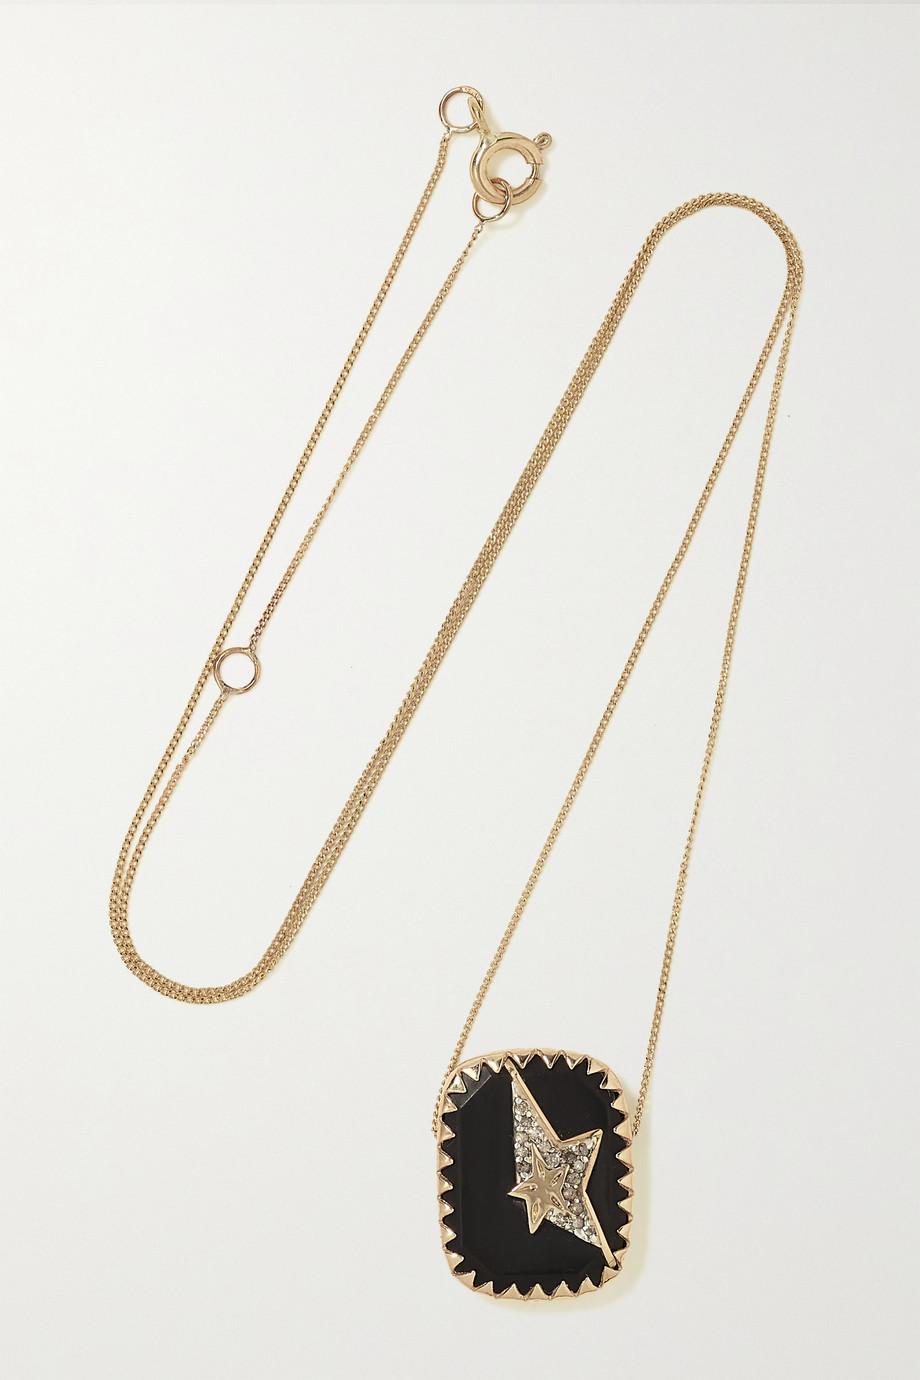 Pascale Monvoisin Varda N°1 Kette aus 9 und 14 Karat Gold mit Sterlingsilber, Bakelit® und Diamanten